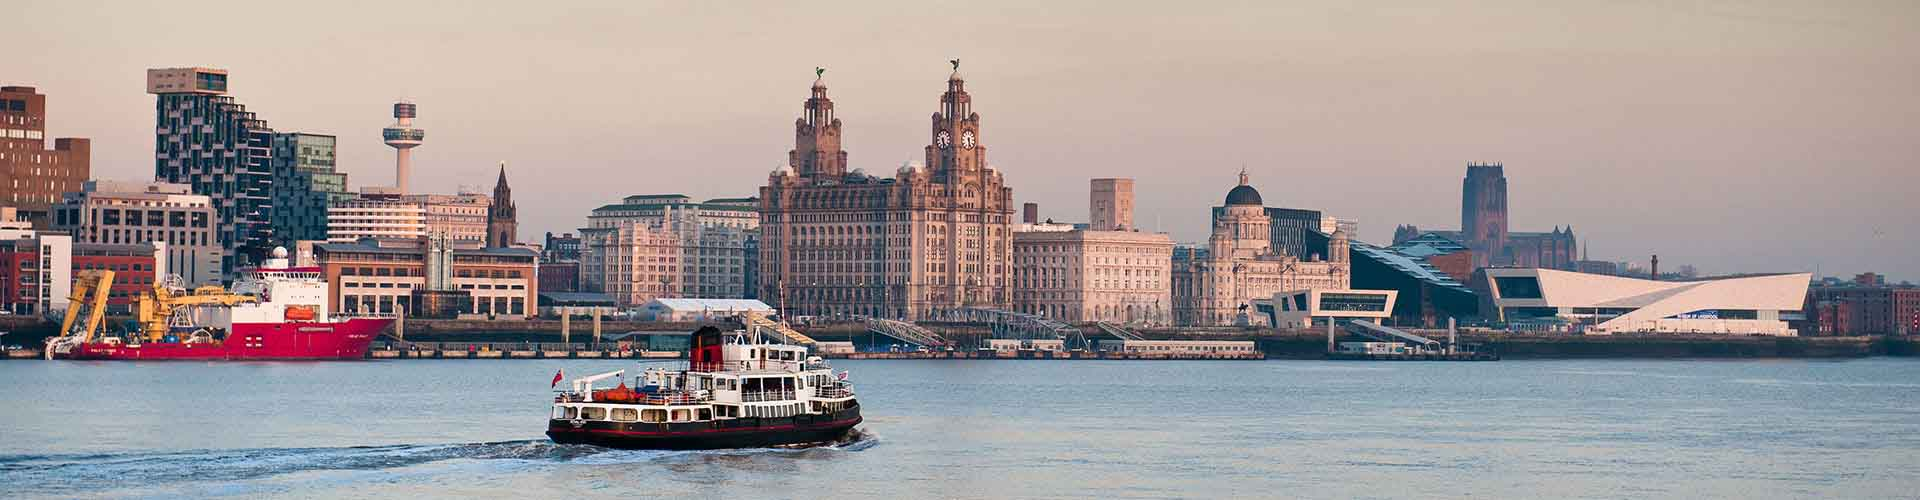 Liverpool - Apartamenty w mieście Liverpool, Mapy miasta Liverpool, Zdjęcia i Recenzje dla każdego Apartamentu w mieście Liverpool.